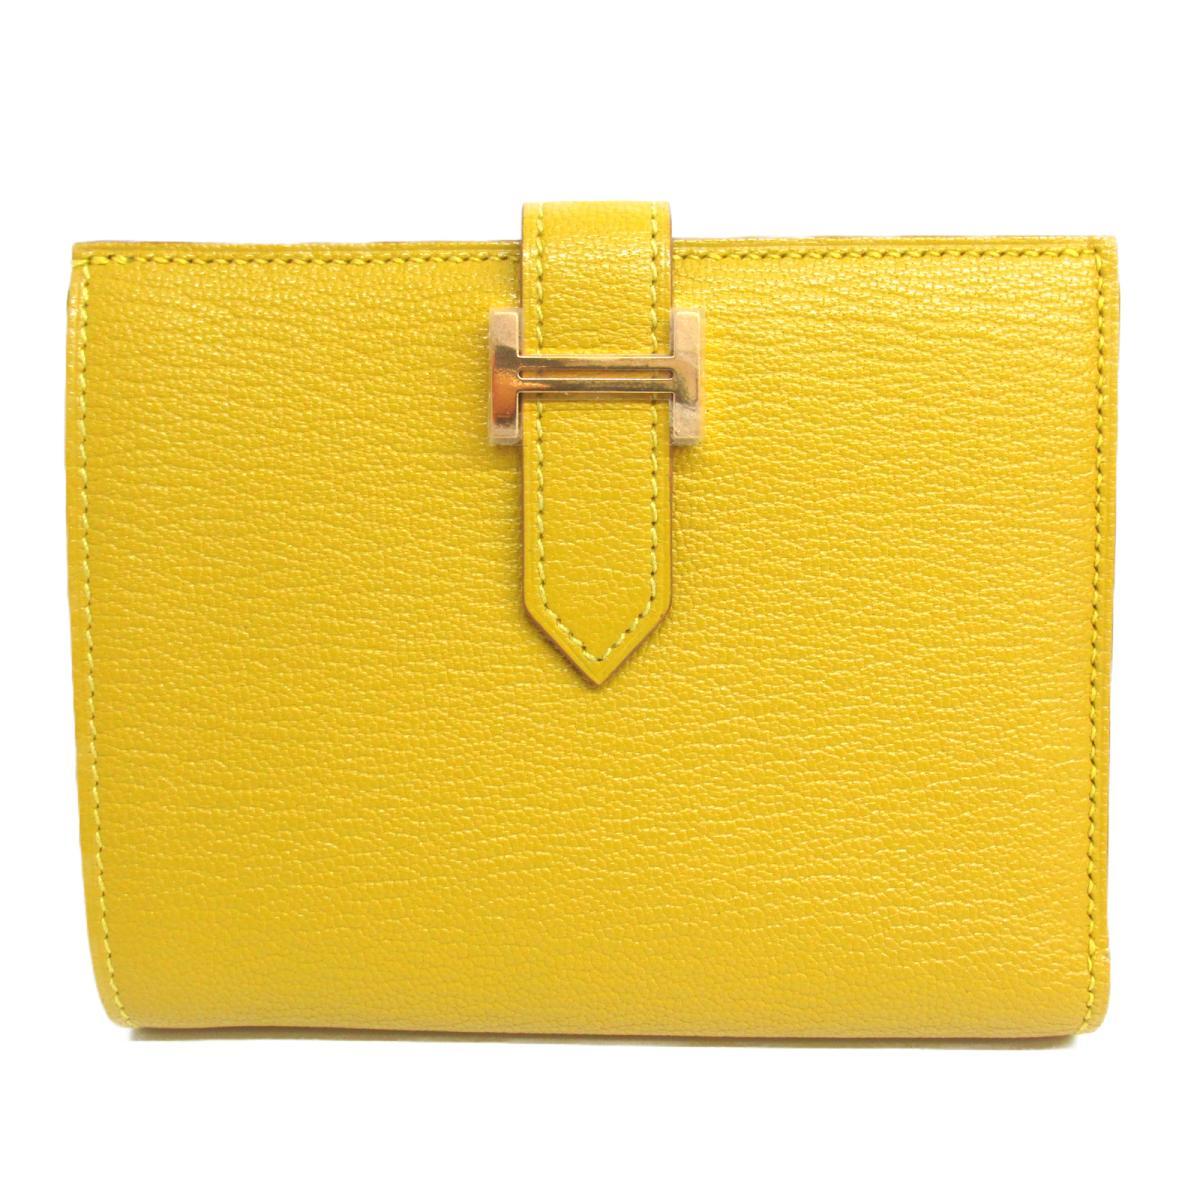 ベアンコンパクト・ヴェルソ 二つ折財布 財布